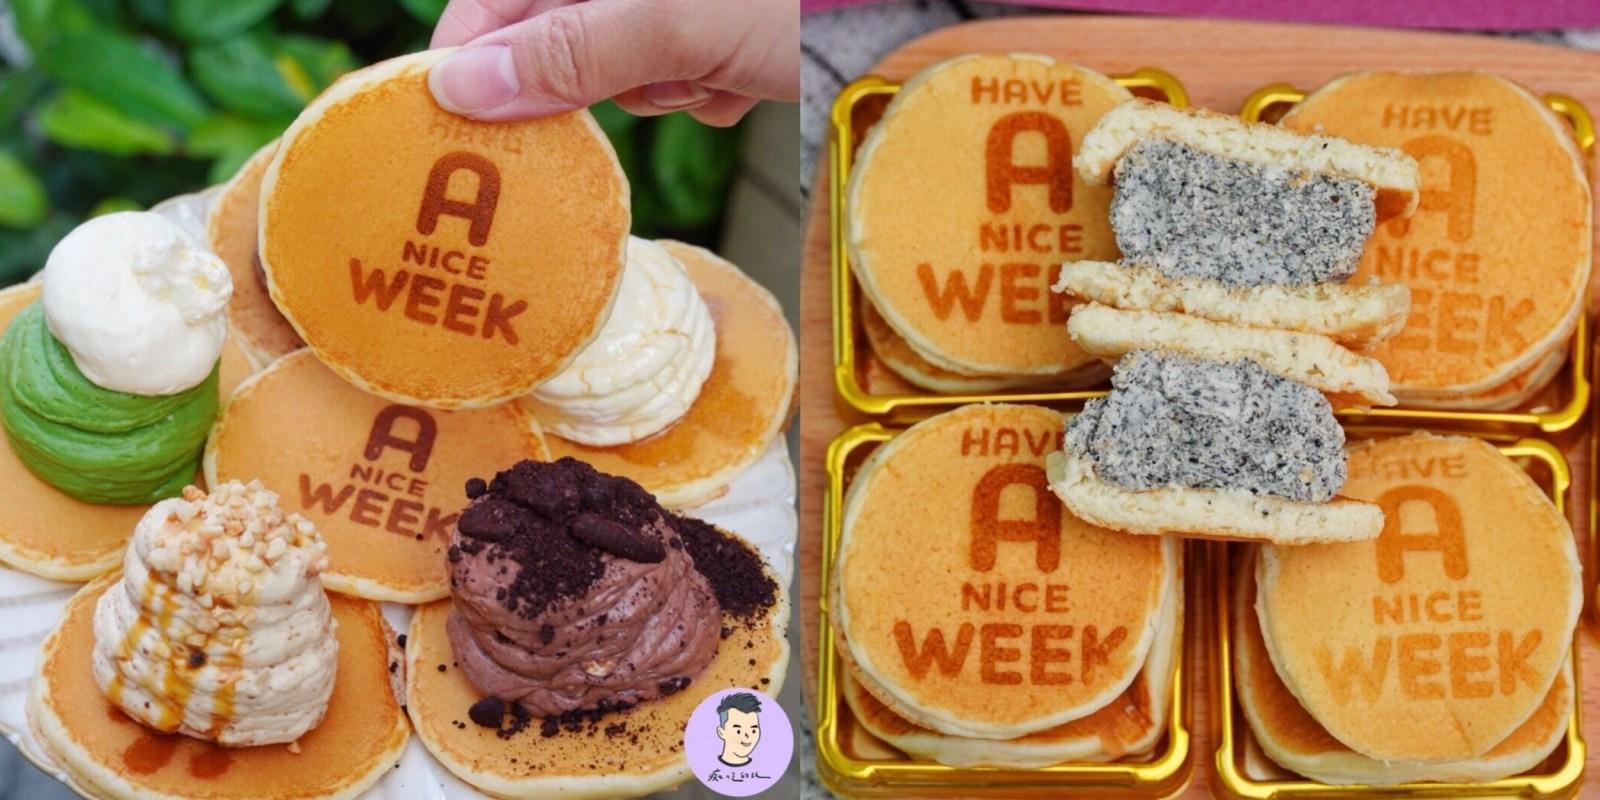 【台南美食】台南IG熱門打卡甜點店「A WEEK pancake」濃厚系乳酪鬆餅就隱藏在巷子中!甜食控的最愛